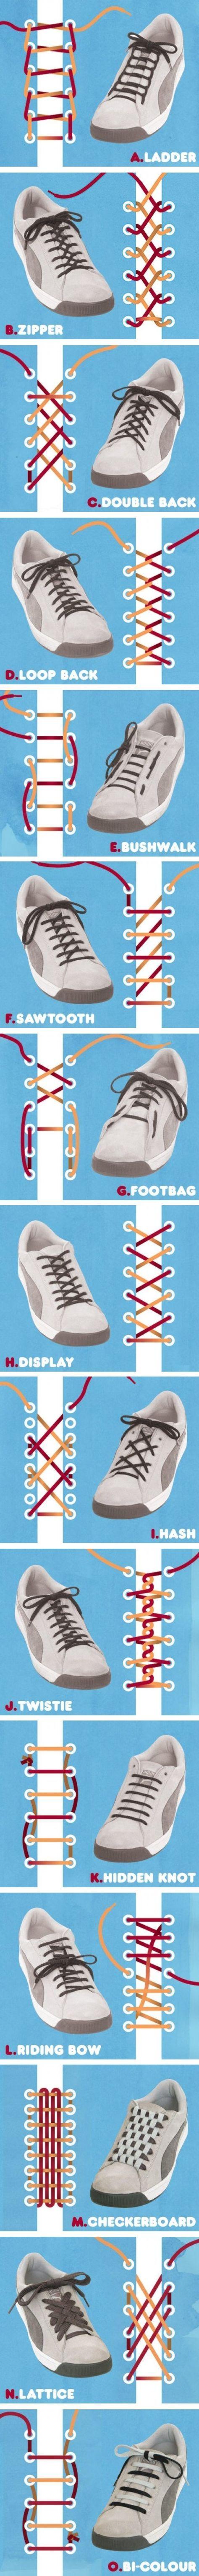 41 Shoe Lace Methods